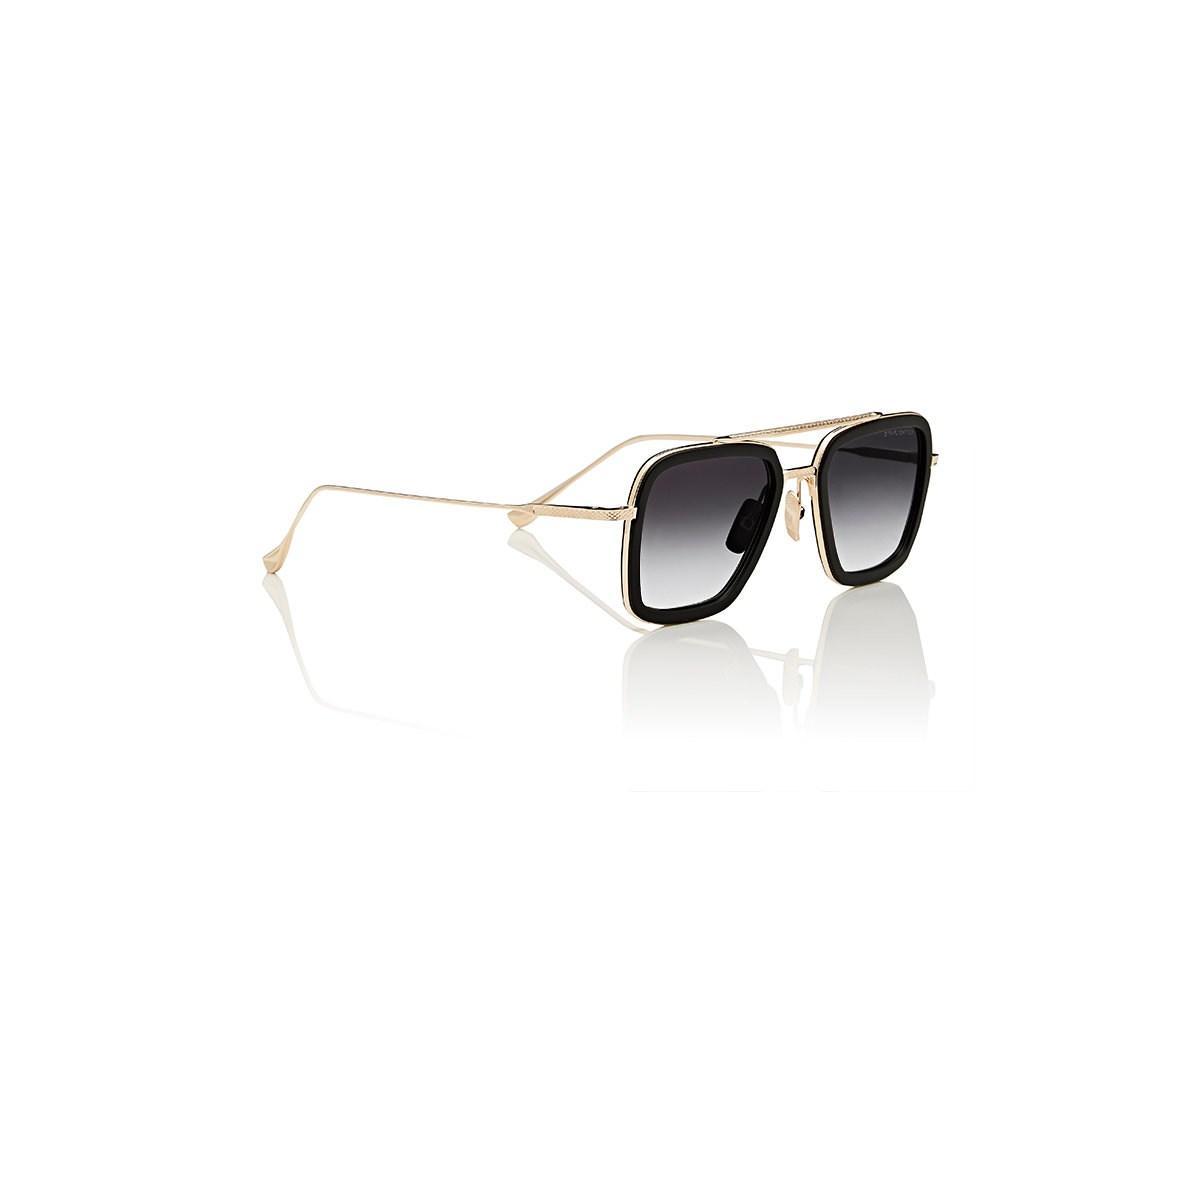 095ece84d78 Dita - Black Flight.006 Sunglasses for Men - Lyst. View fullscreen